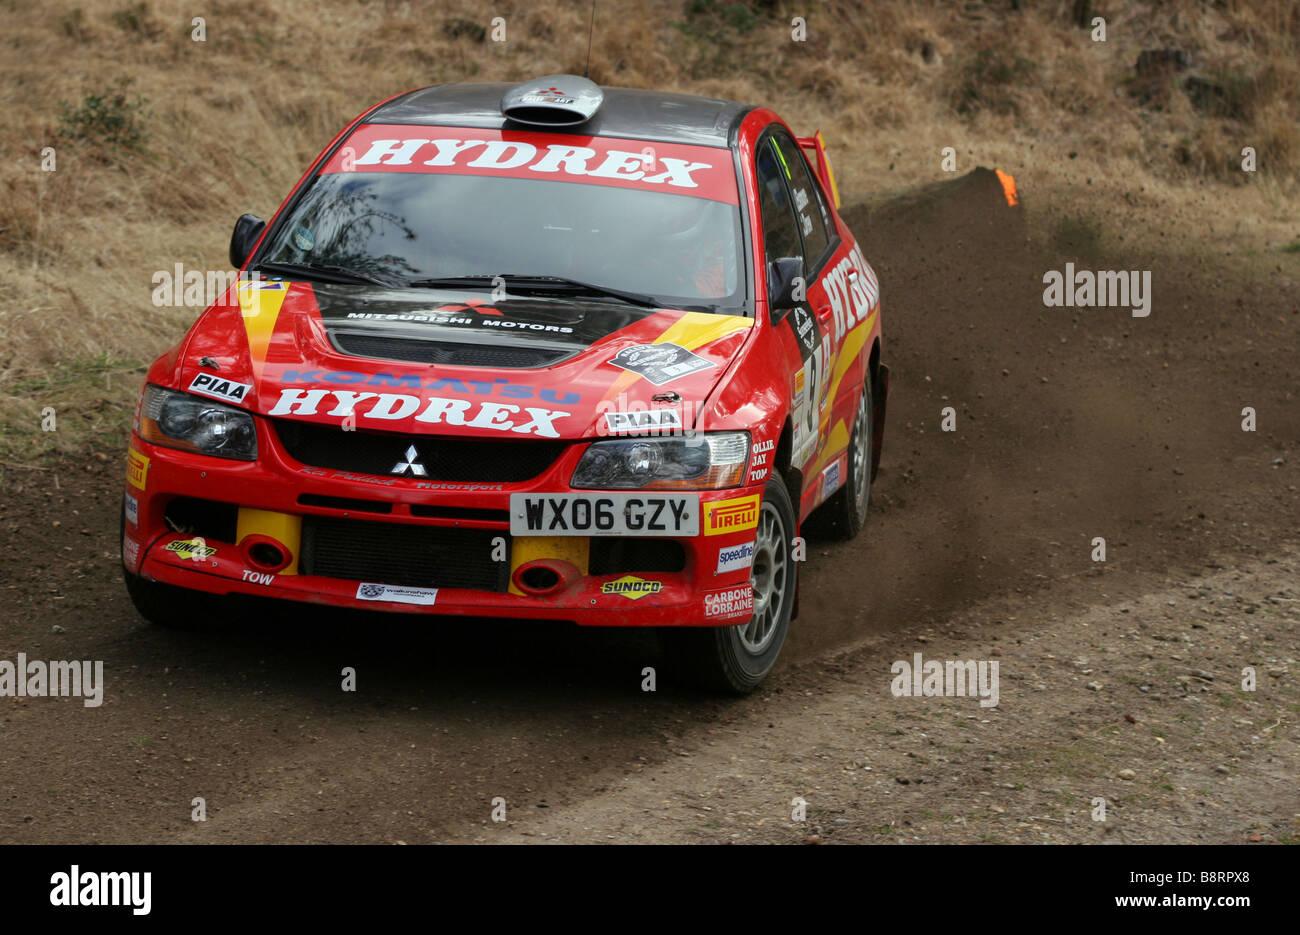 Acción de disparo rally car proforming en Rallye Sunseeker 2009 Imagen De Stock